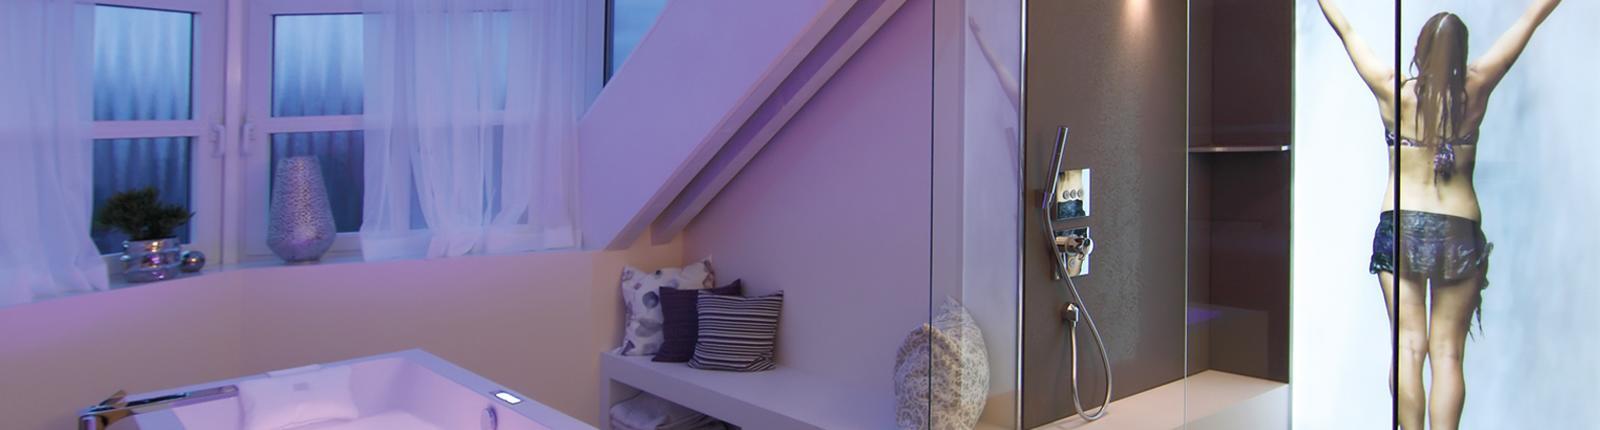 Umbau-zum-lichtdurchfluteten-Traum-Badezimmer | Stübler | Eislingen ...